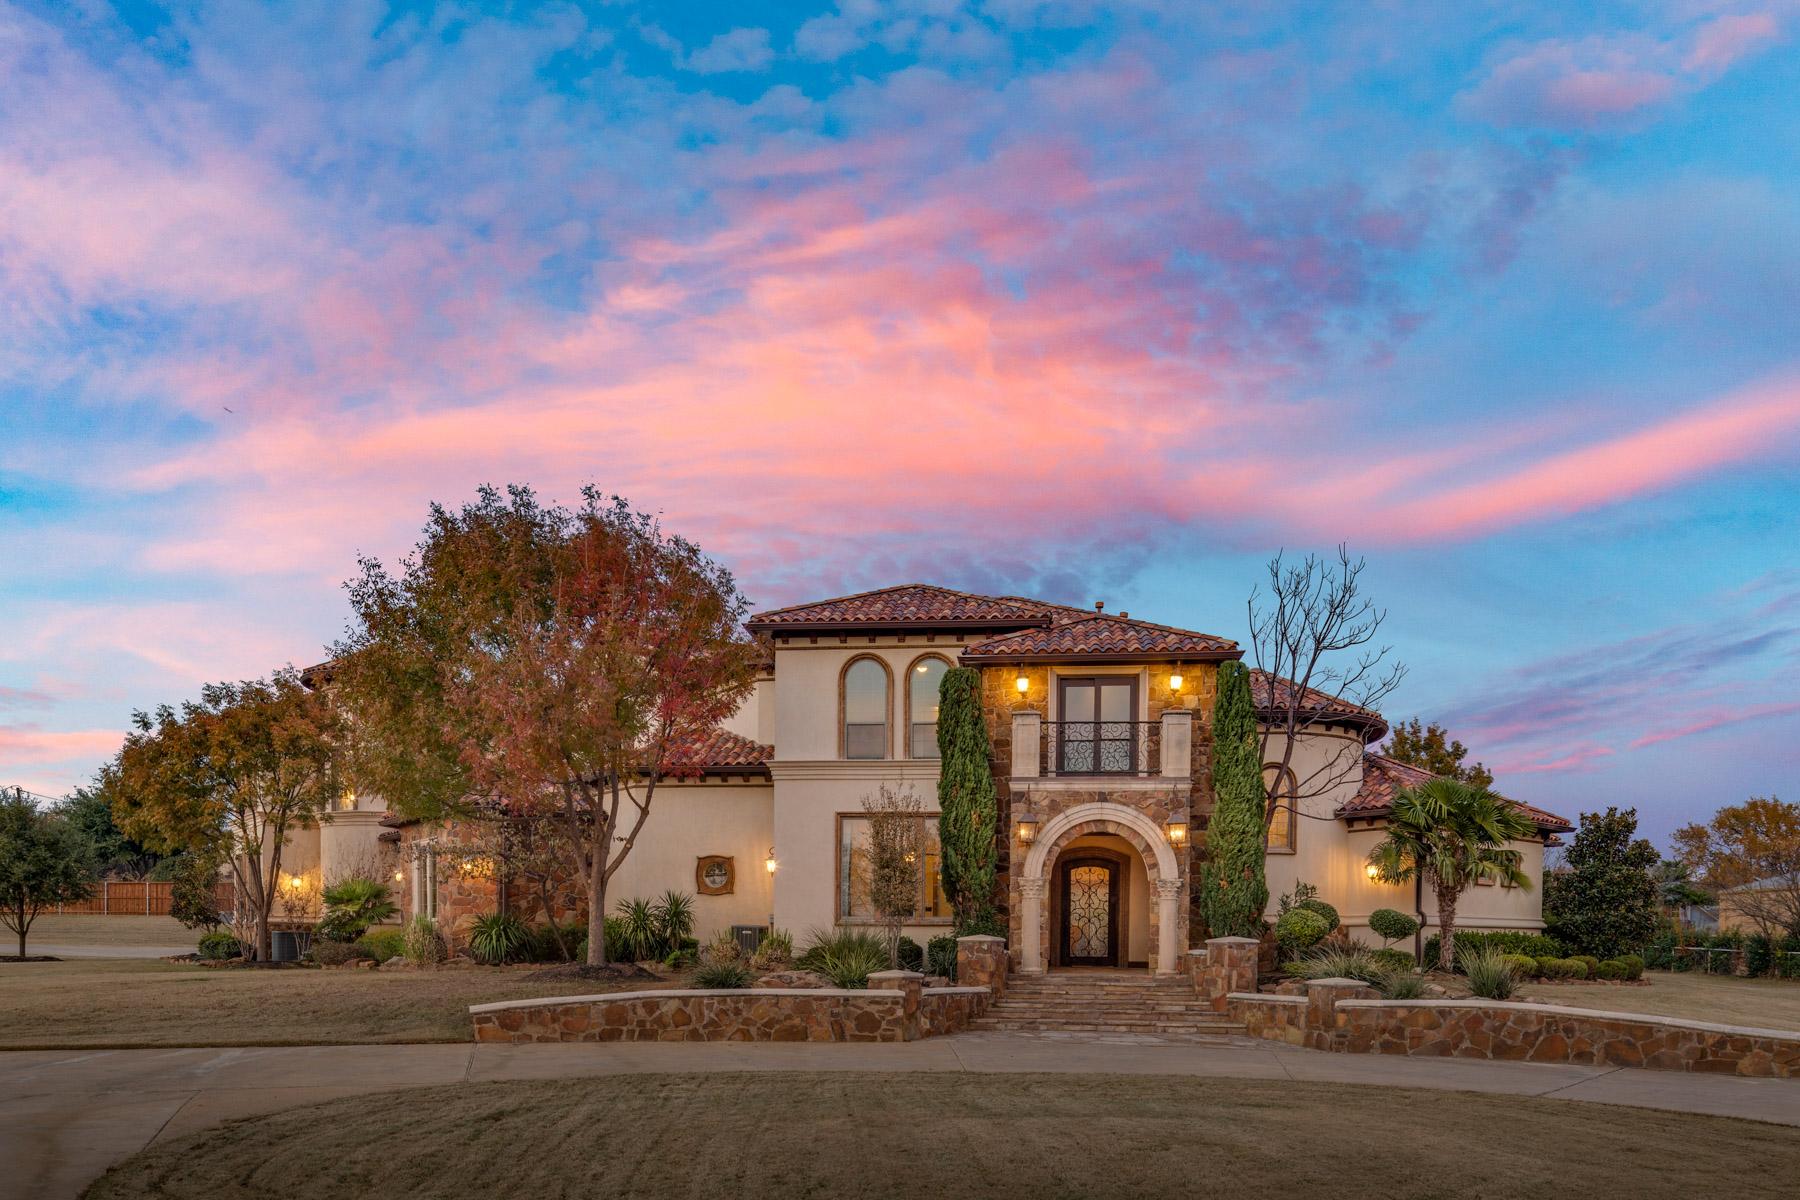 一戸建て のために 売買 アット Immaculate Southlake Estate 150 Lilac Ln Southlake, テキサス, 76092 アメリカ合衆国